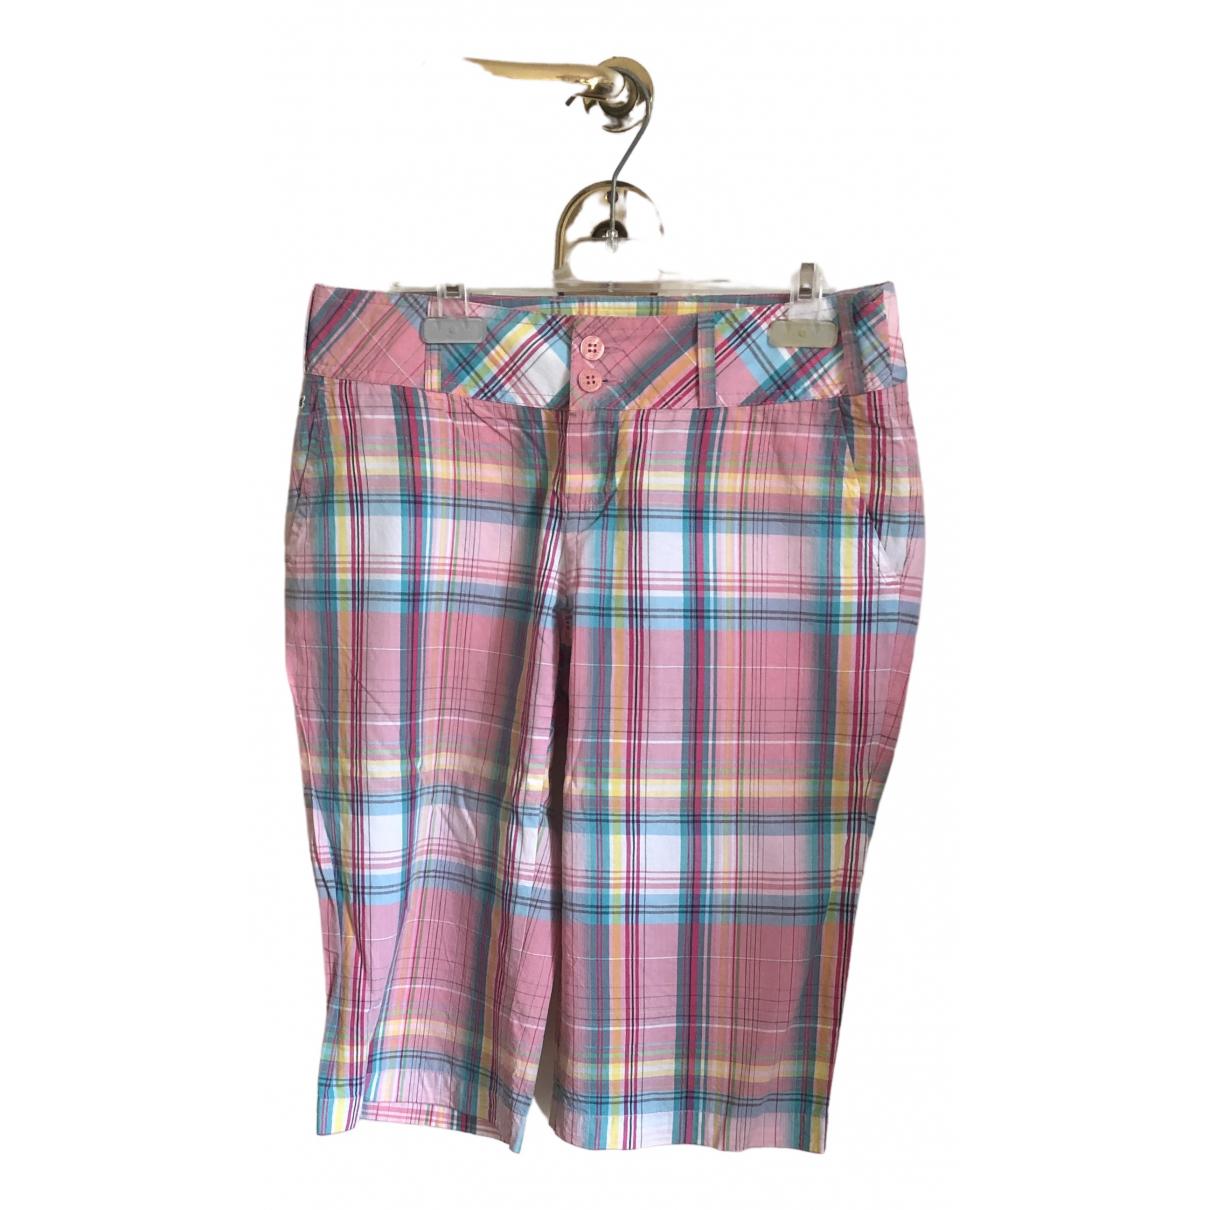 Lacoste \N Shorts in  Bunt Baumwolle